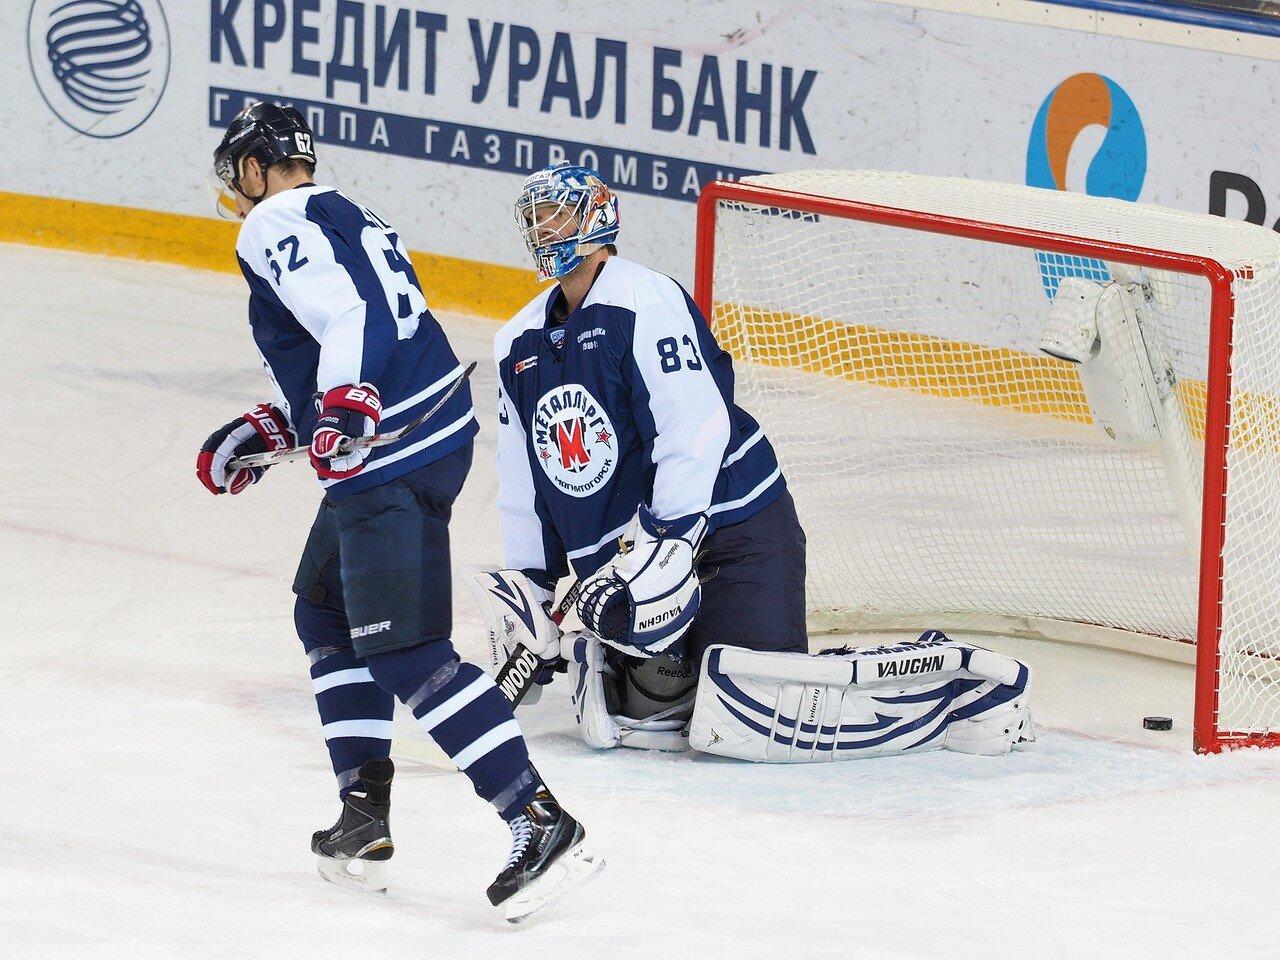 62Металлург - Динамо Москва 28.12.2015